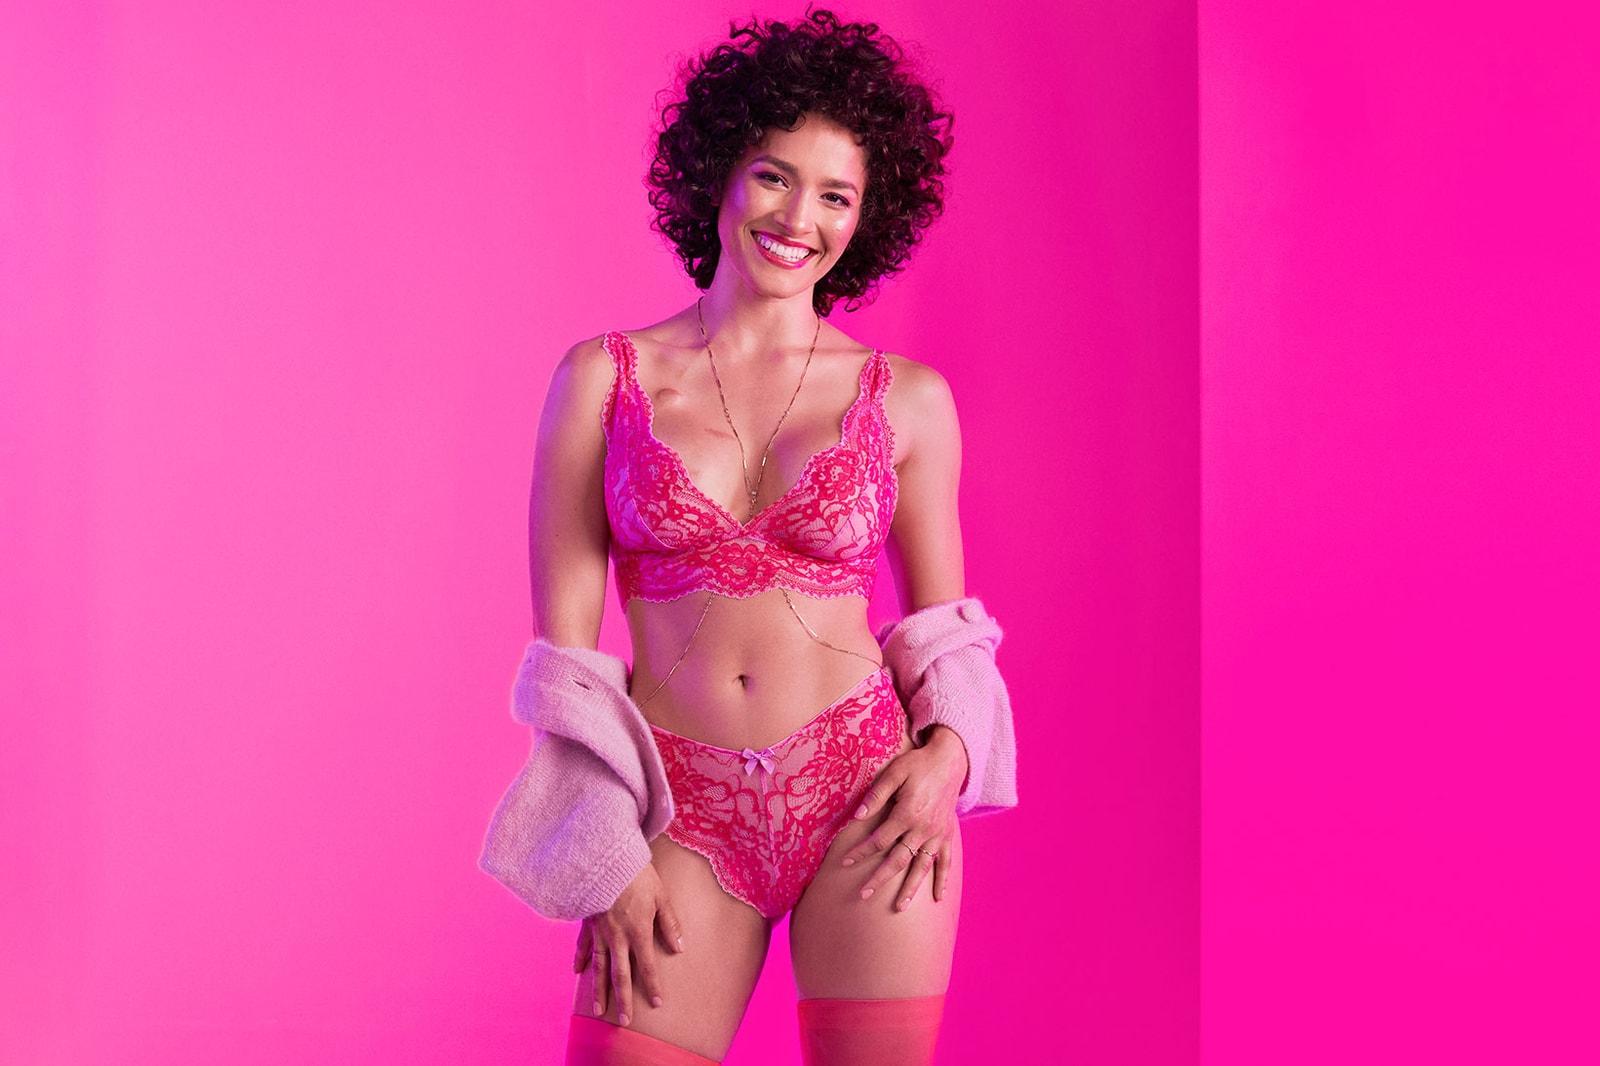 savage x fenty rihanna breast cancer awareness month 2019 lingerie brand underwear bra pink